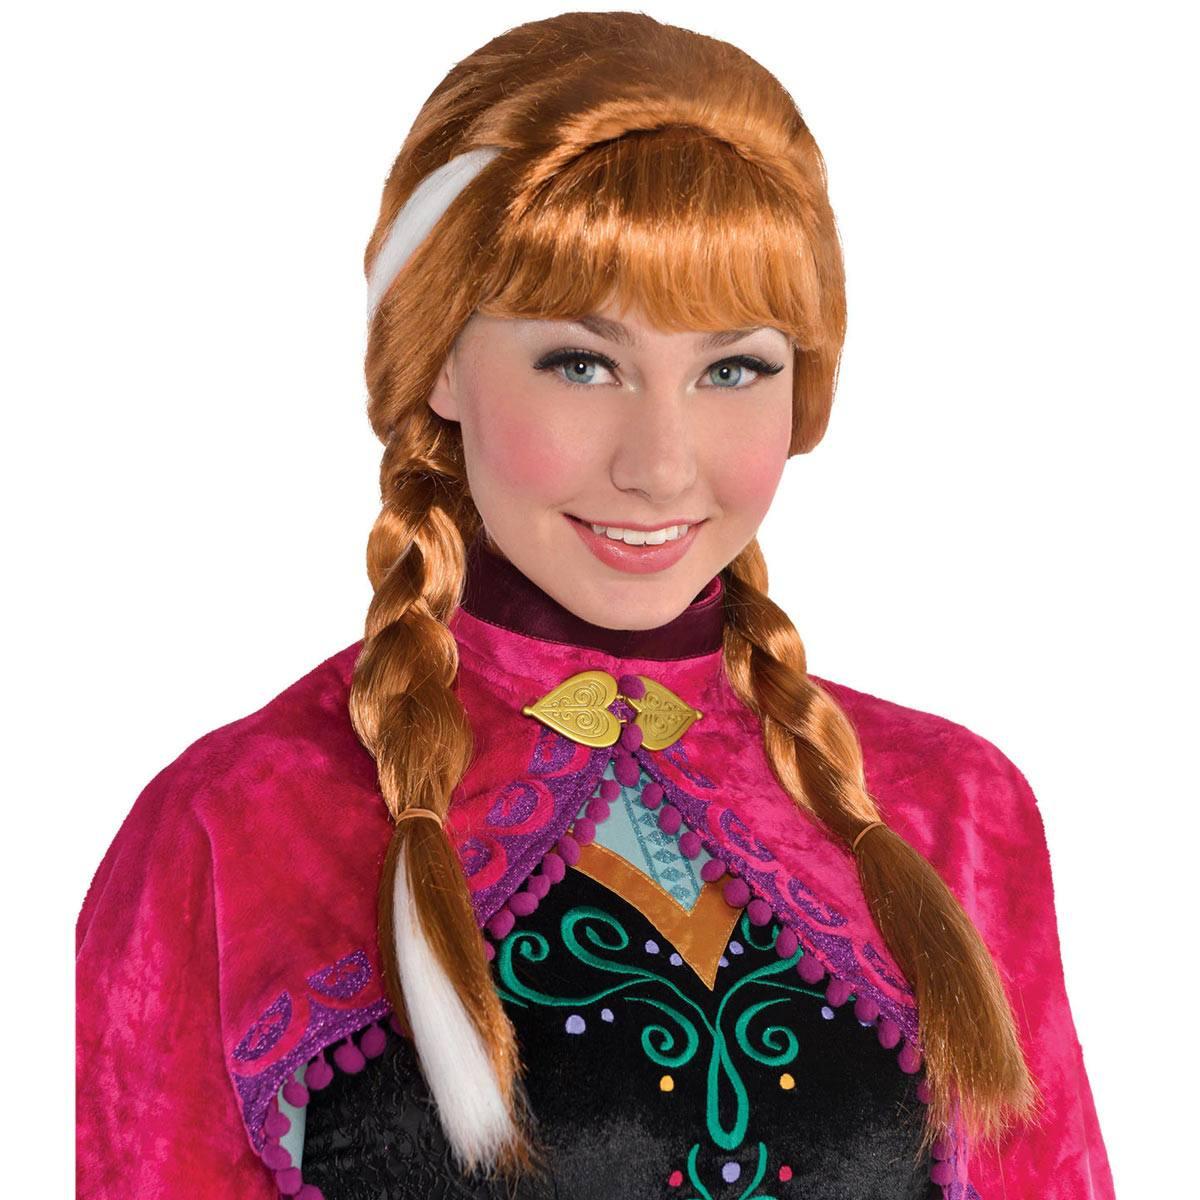 アナと雪の女王 アナ ウイッグ かつら アナ雪 キッズ コスプレ 衣装 仮装 コスチューム Frozen